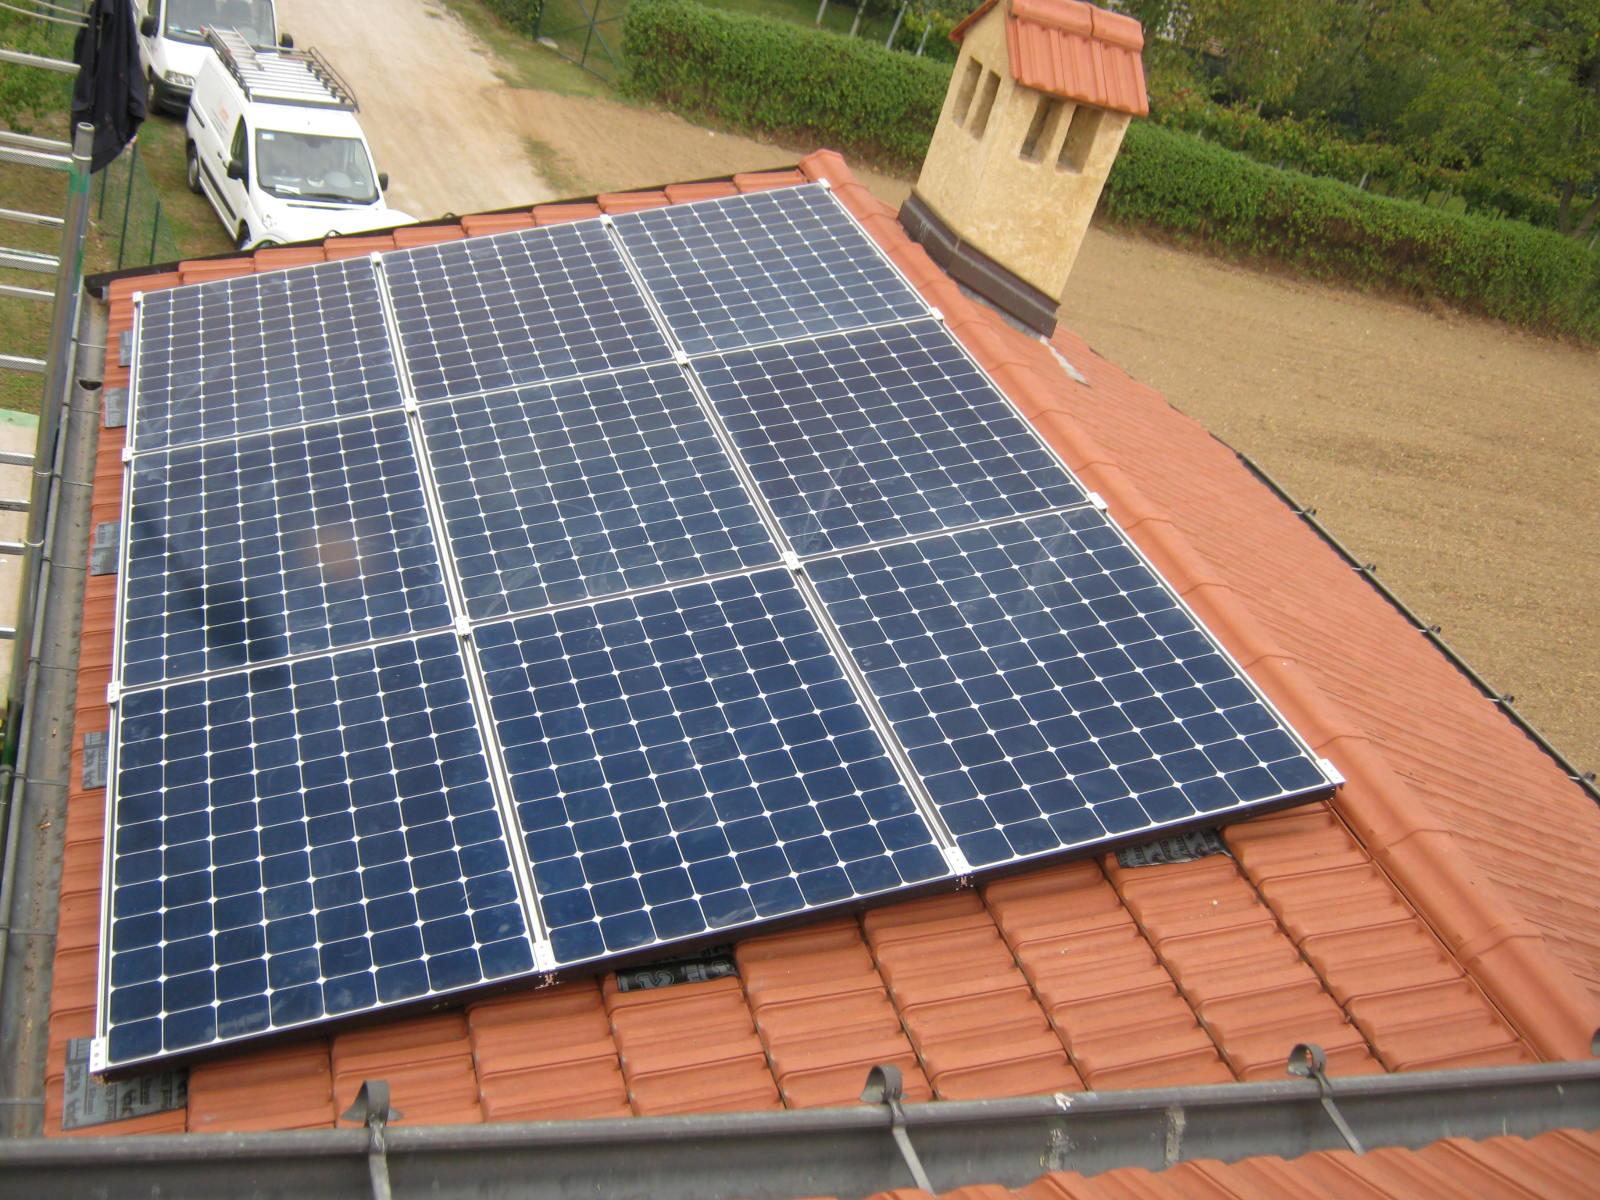 Impianti Fotovoltaici Busto Arsizio via tommaso rodari 151, busto arsizio - elettrica rogeno